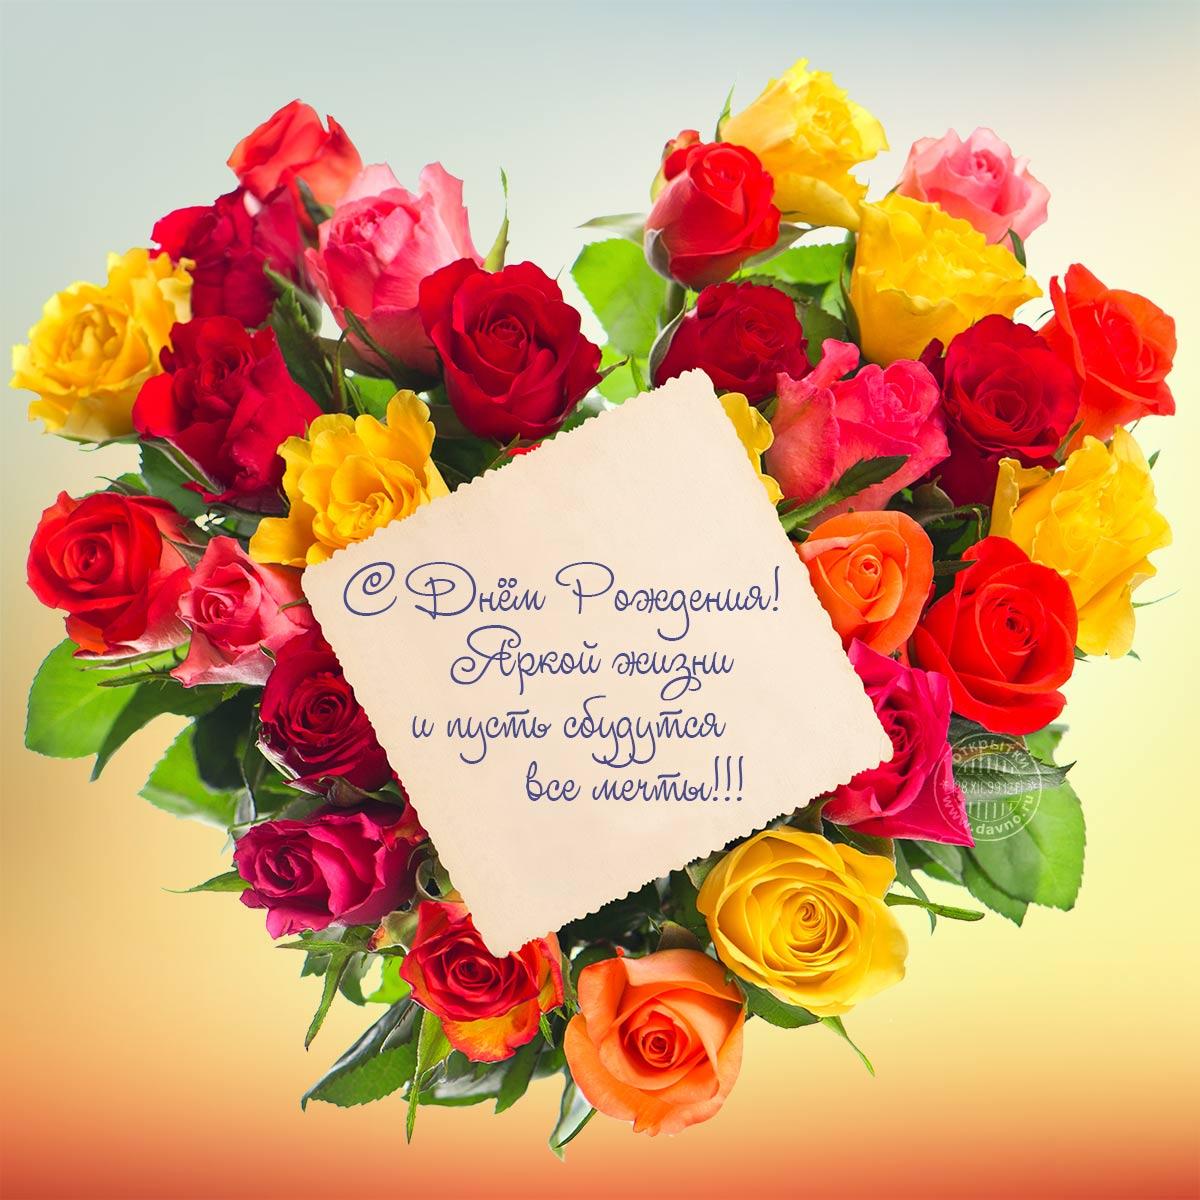 Скачать открытки с Днем Рождения женщине - красивые поздравления 13